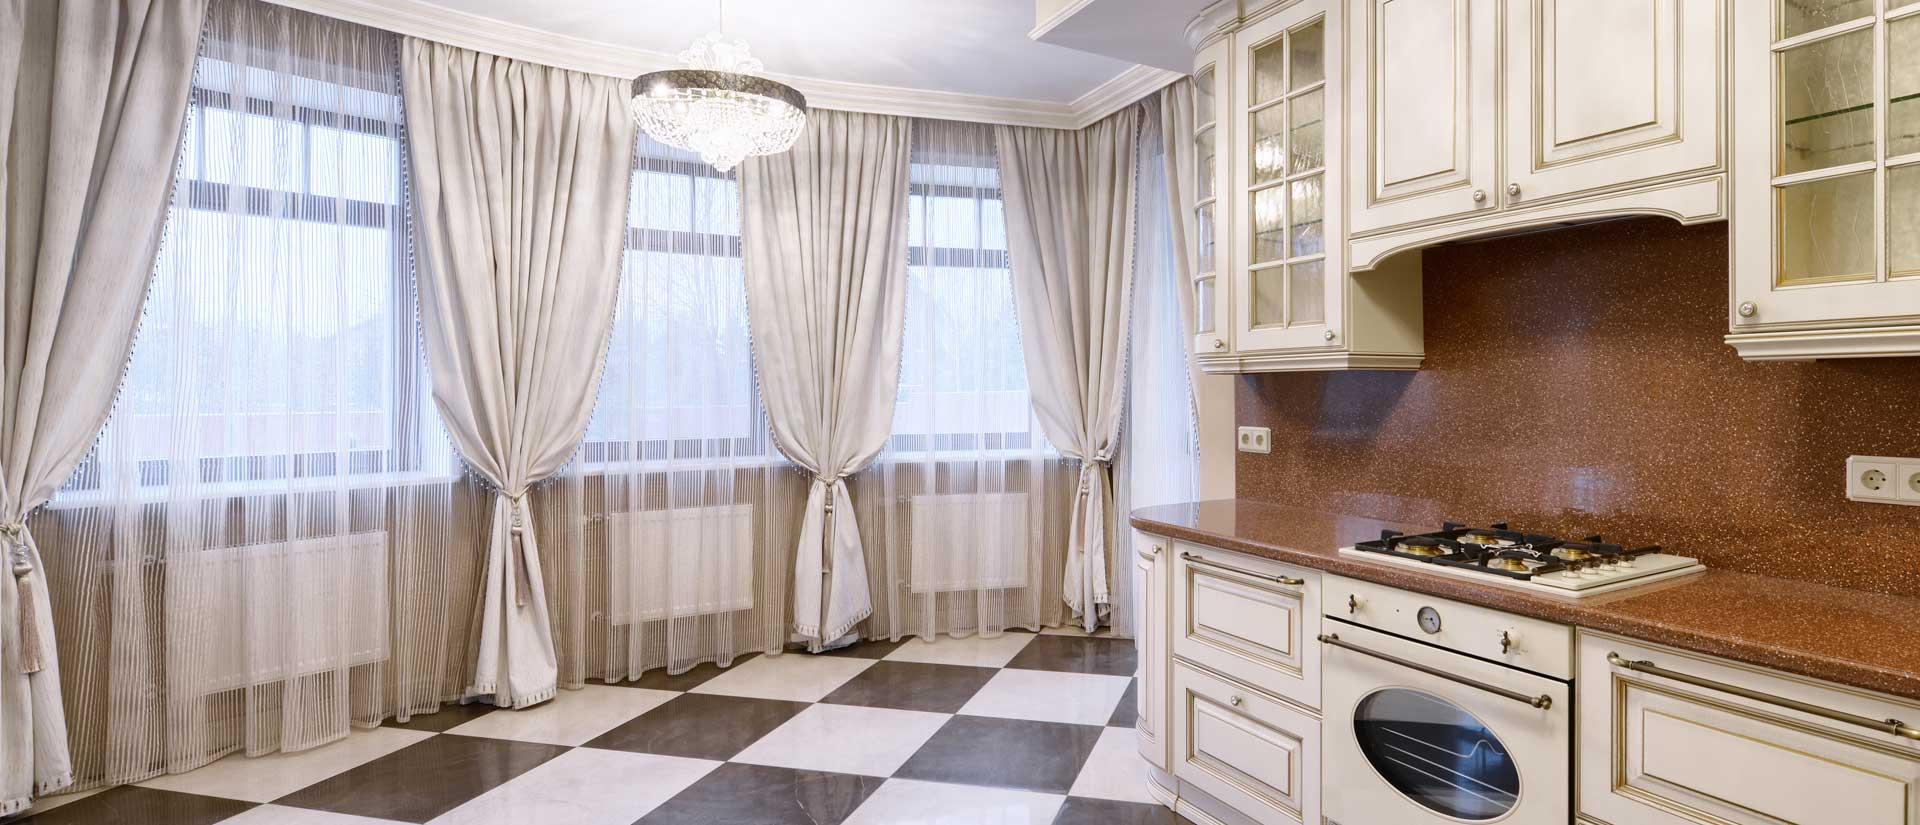 Full Size of Fensterdekoration Küche Moderne Kchengardinen Bestellen Individuelle Fensterdeko Planen Kostenlos Einbauküche Gebraucht Jalousieschrank Waschbecken Selber Wohnzimmer Fensterdekoration Küche